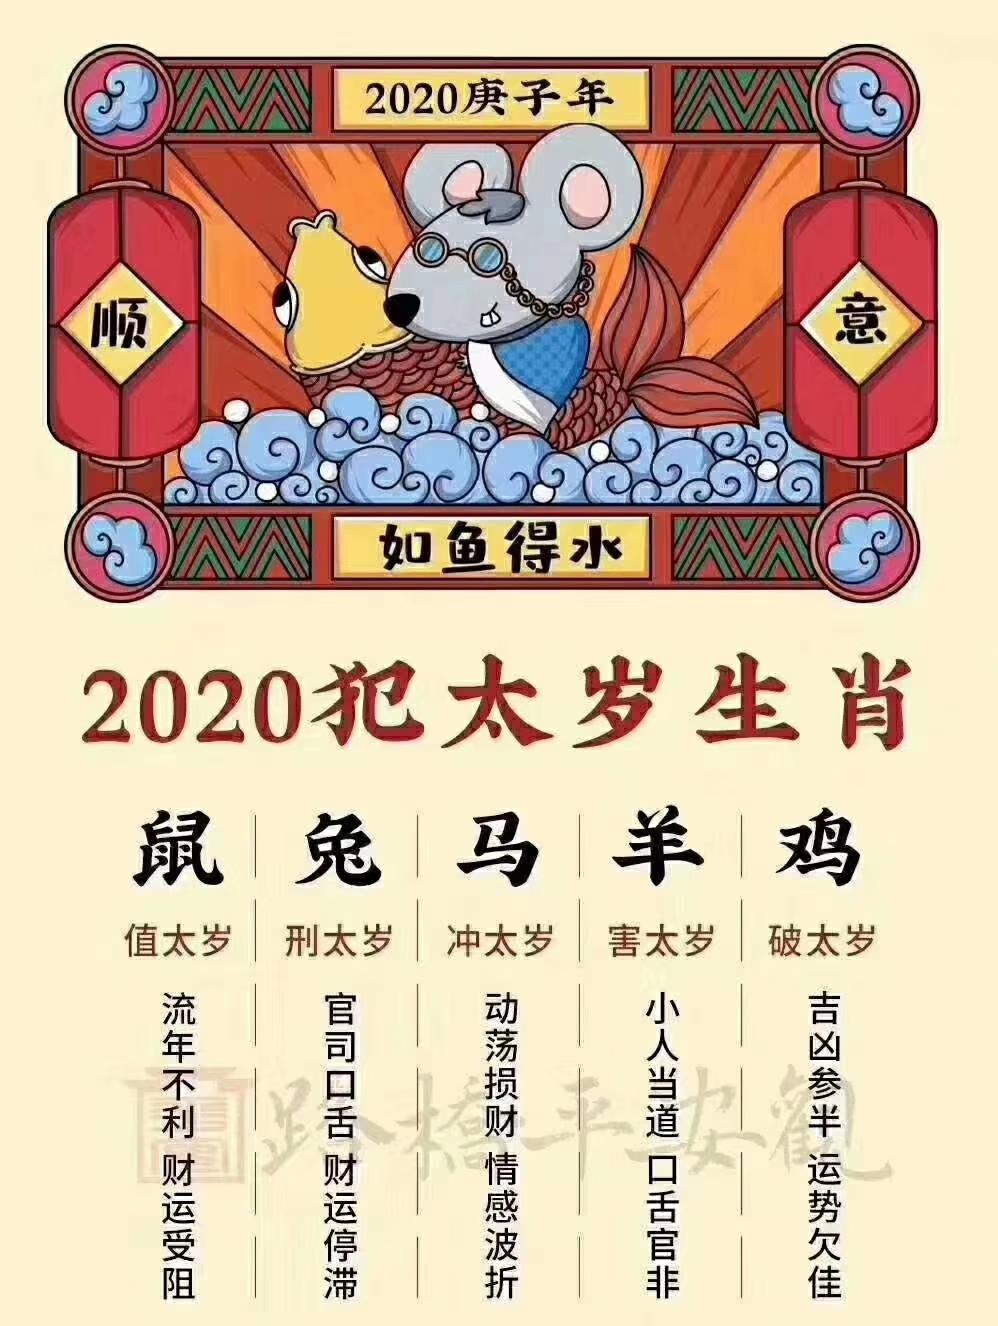 2036年犯太岁_2021年犯太岁_2010年哪些属相犯太岁